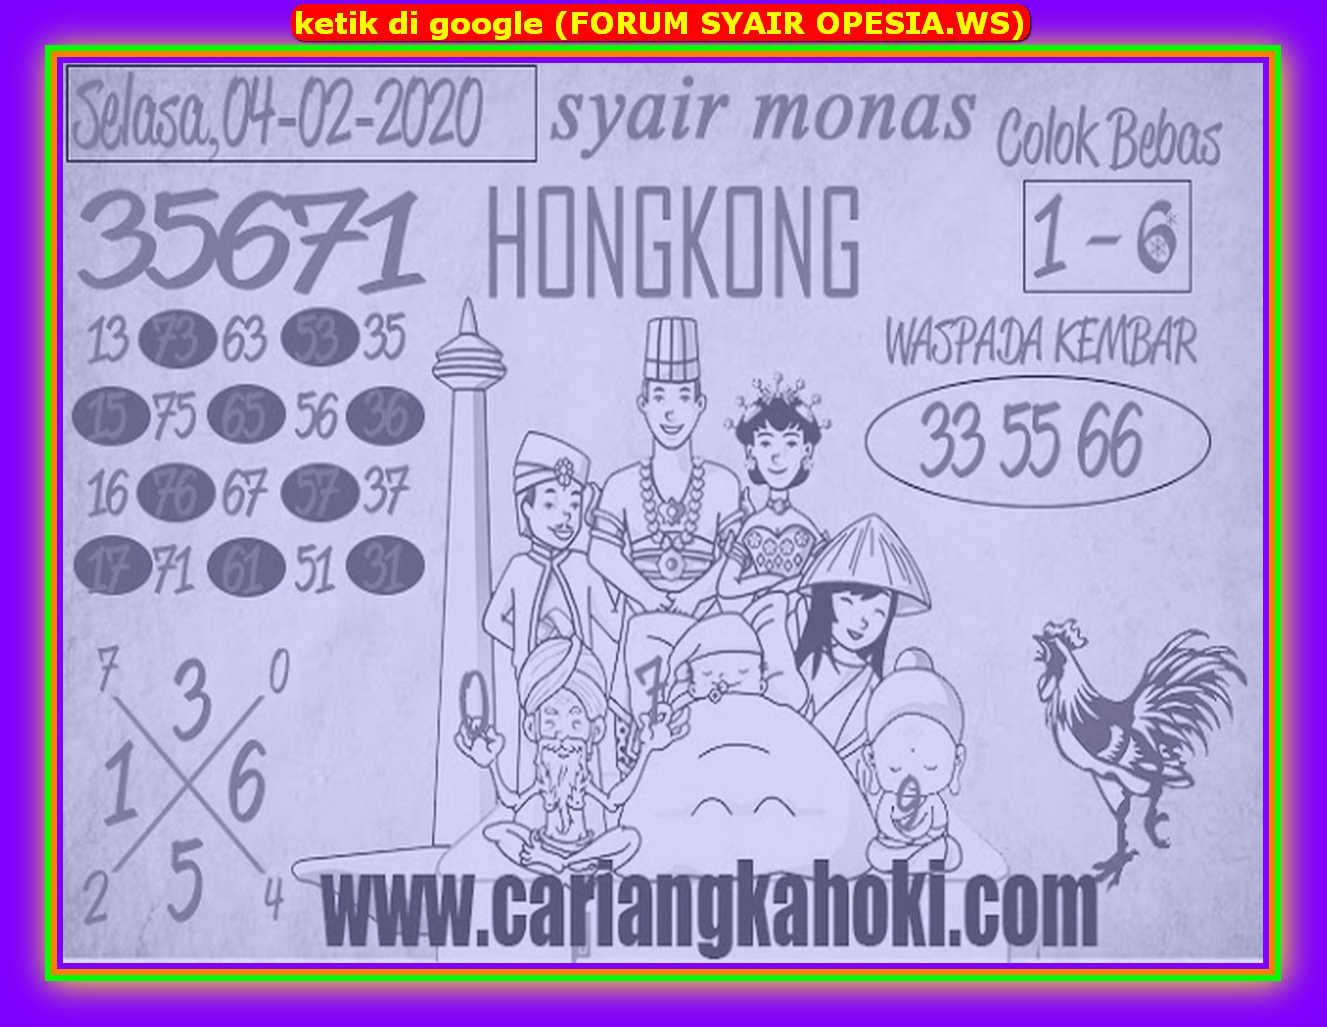 Kode syair Hongkong Selasa 4 Februari 2020 194